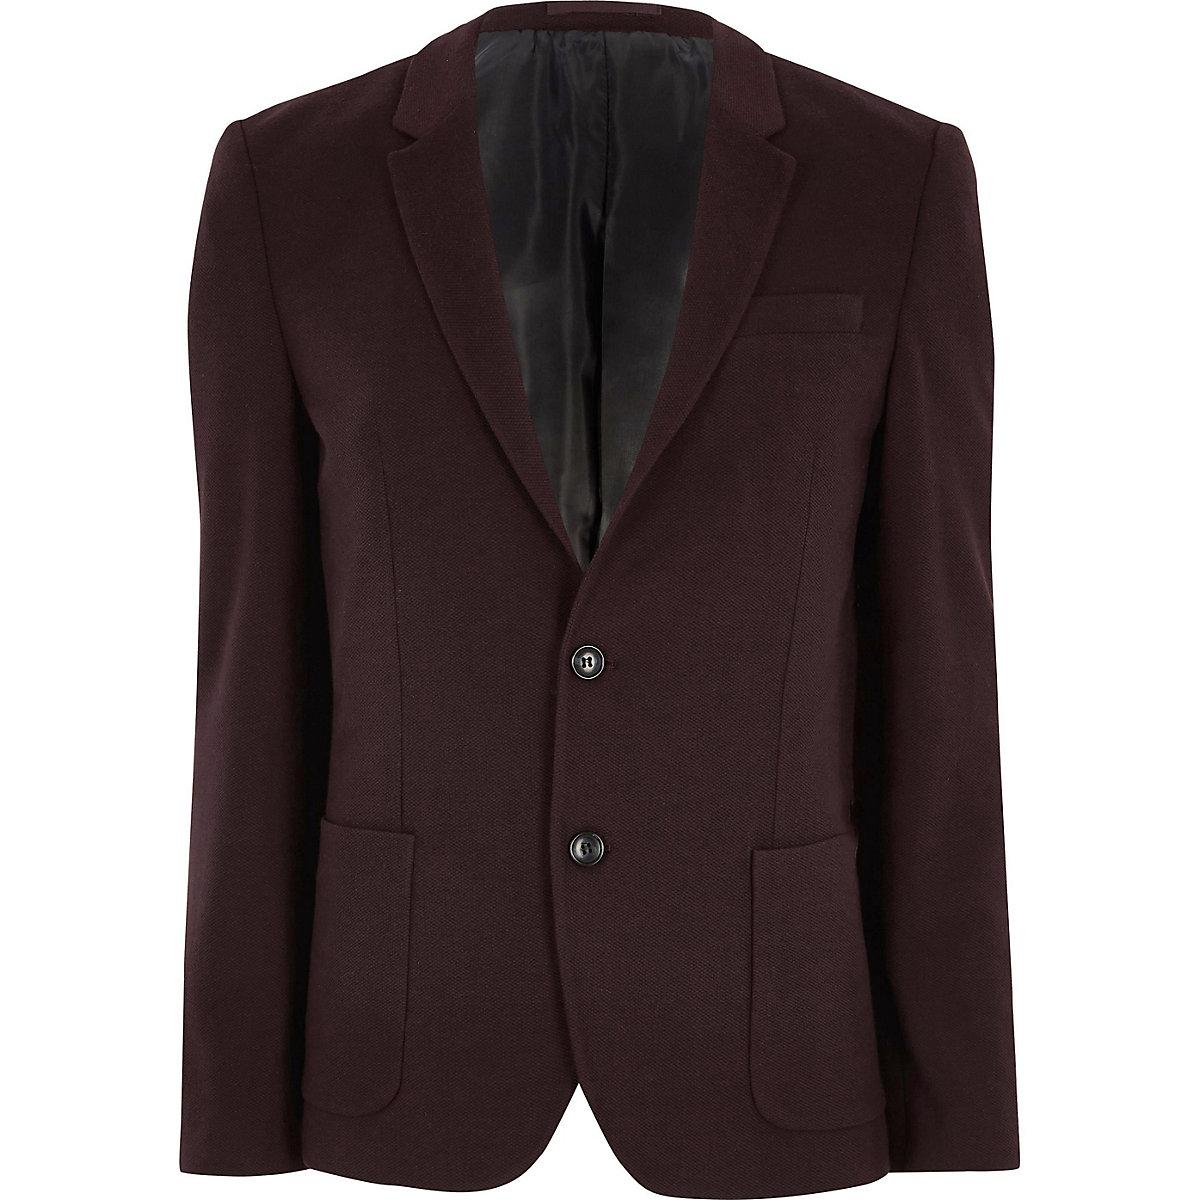 Burgundy skinny fit jersey blazer